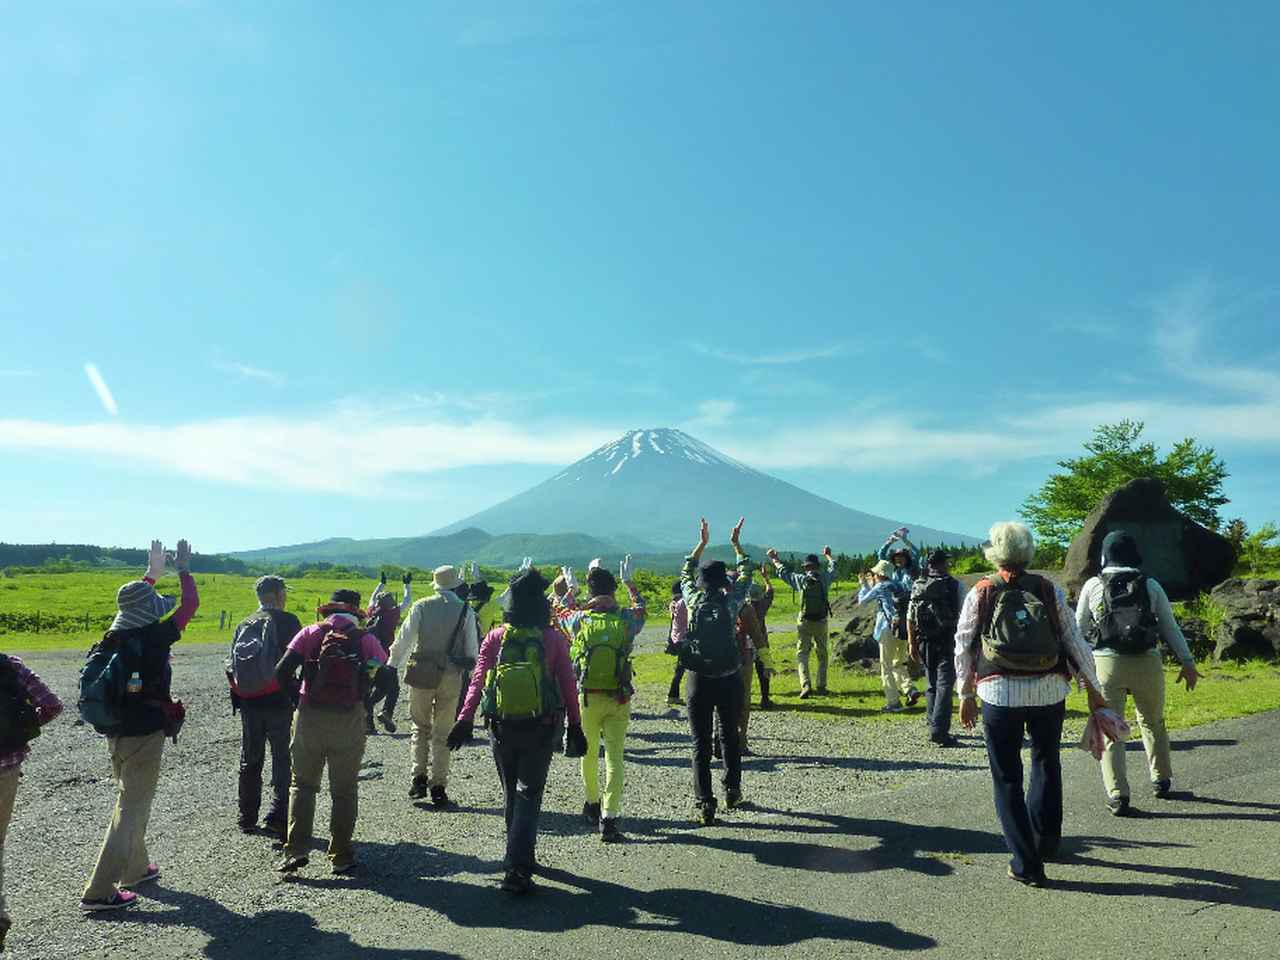 画像1: 【あるく・シリーズツアー】2017年9月スタート富士山すそ野ぐるり一周ウォーク 説明会が始まりました!